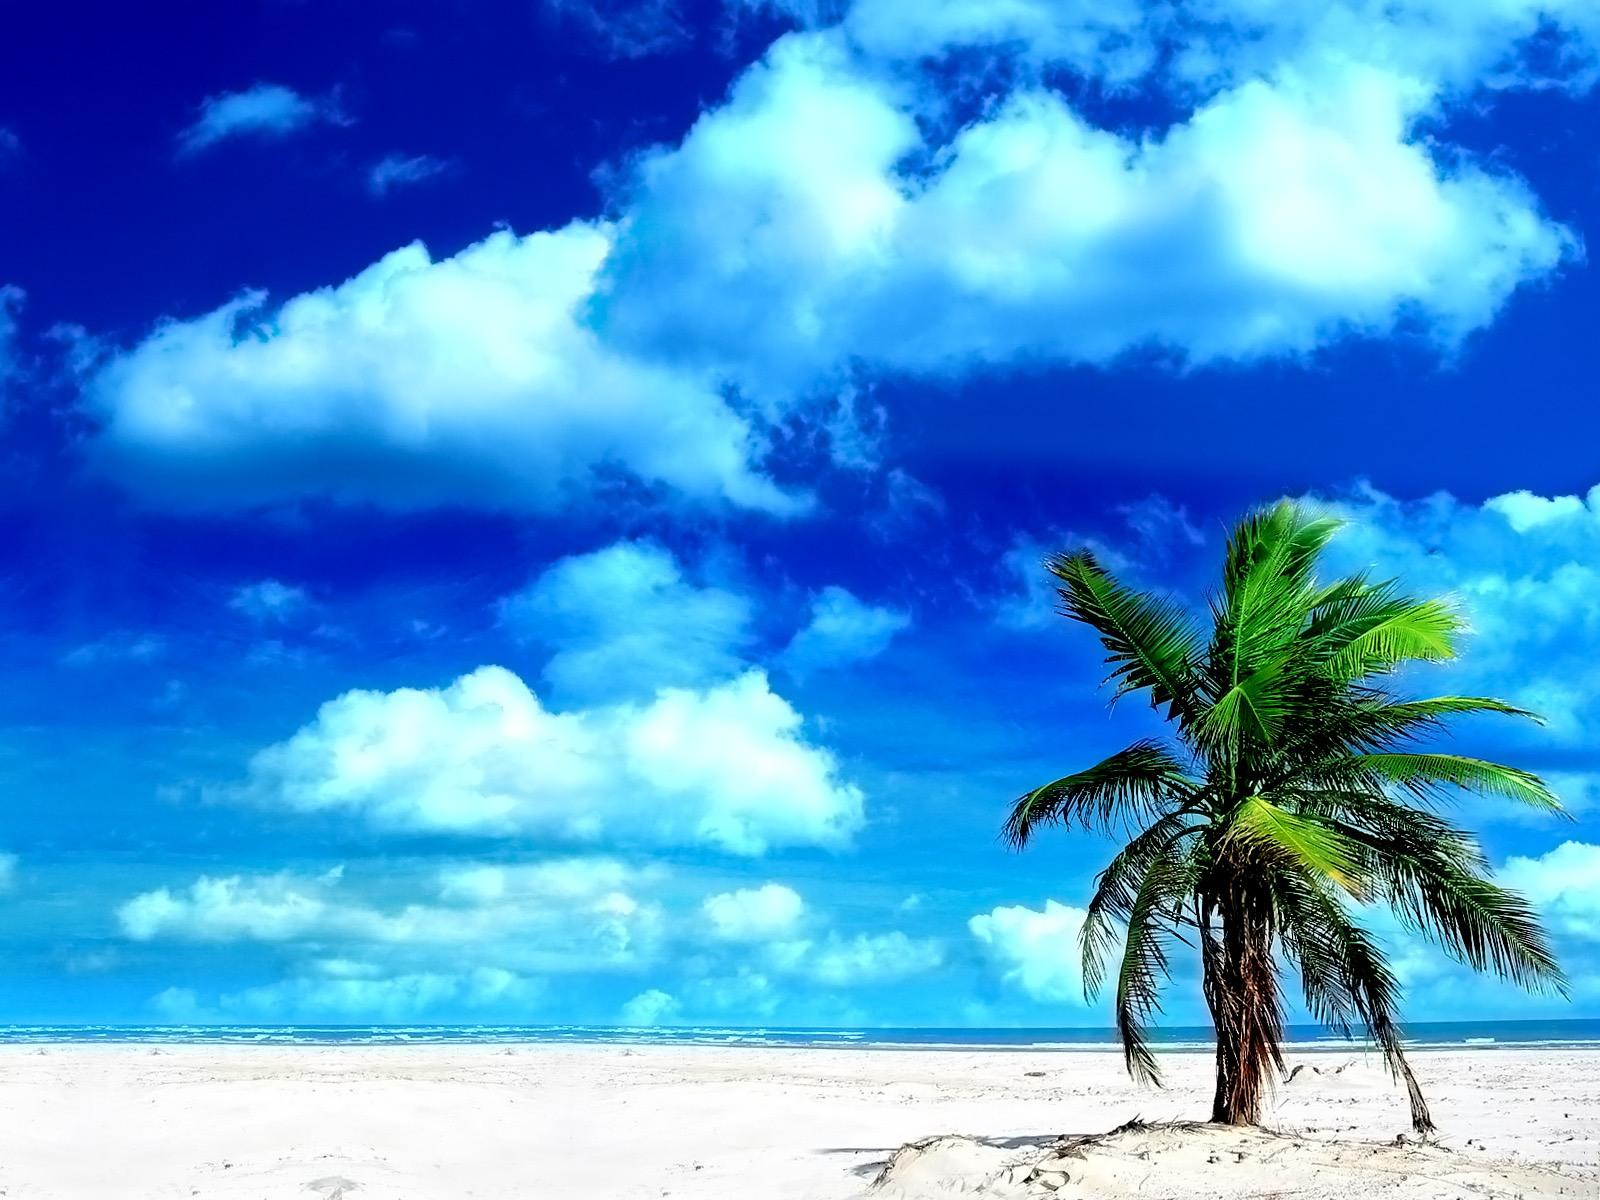 Sandy Beach Oasis Wallpaper 1600x1200